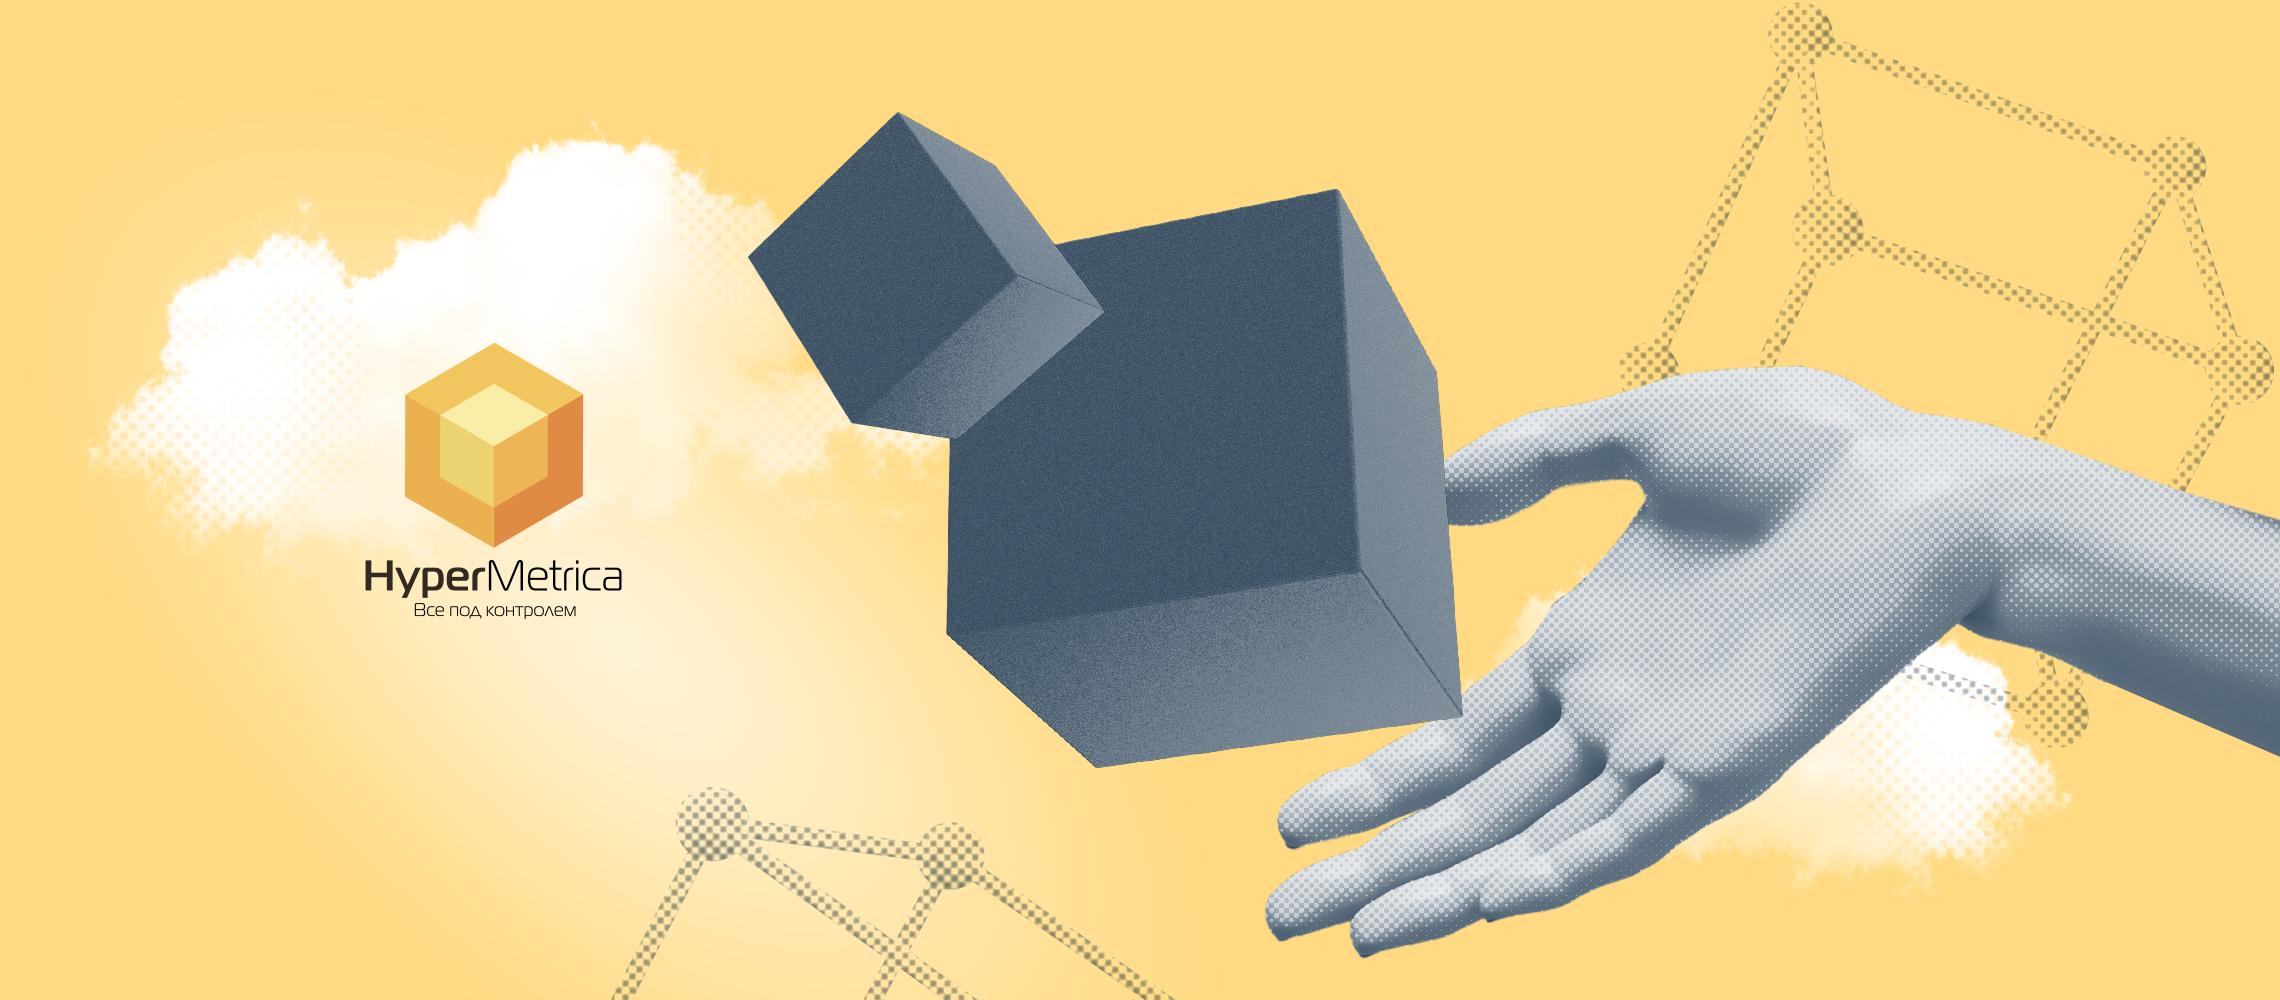 «Автоматизация — это экономия». Как IT-аутсорсинговая компания Гиперметрика оптимизирует работу инженеров